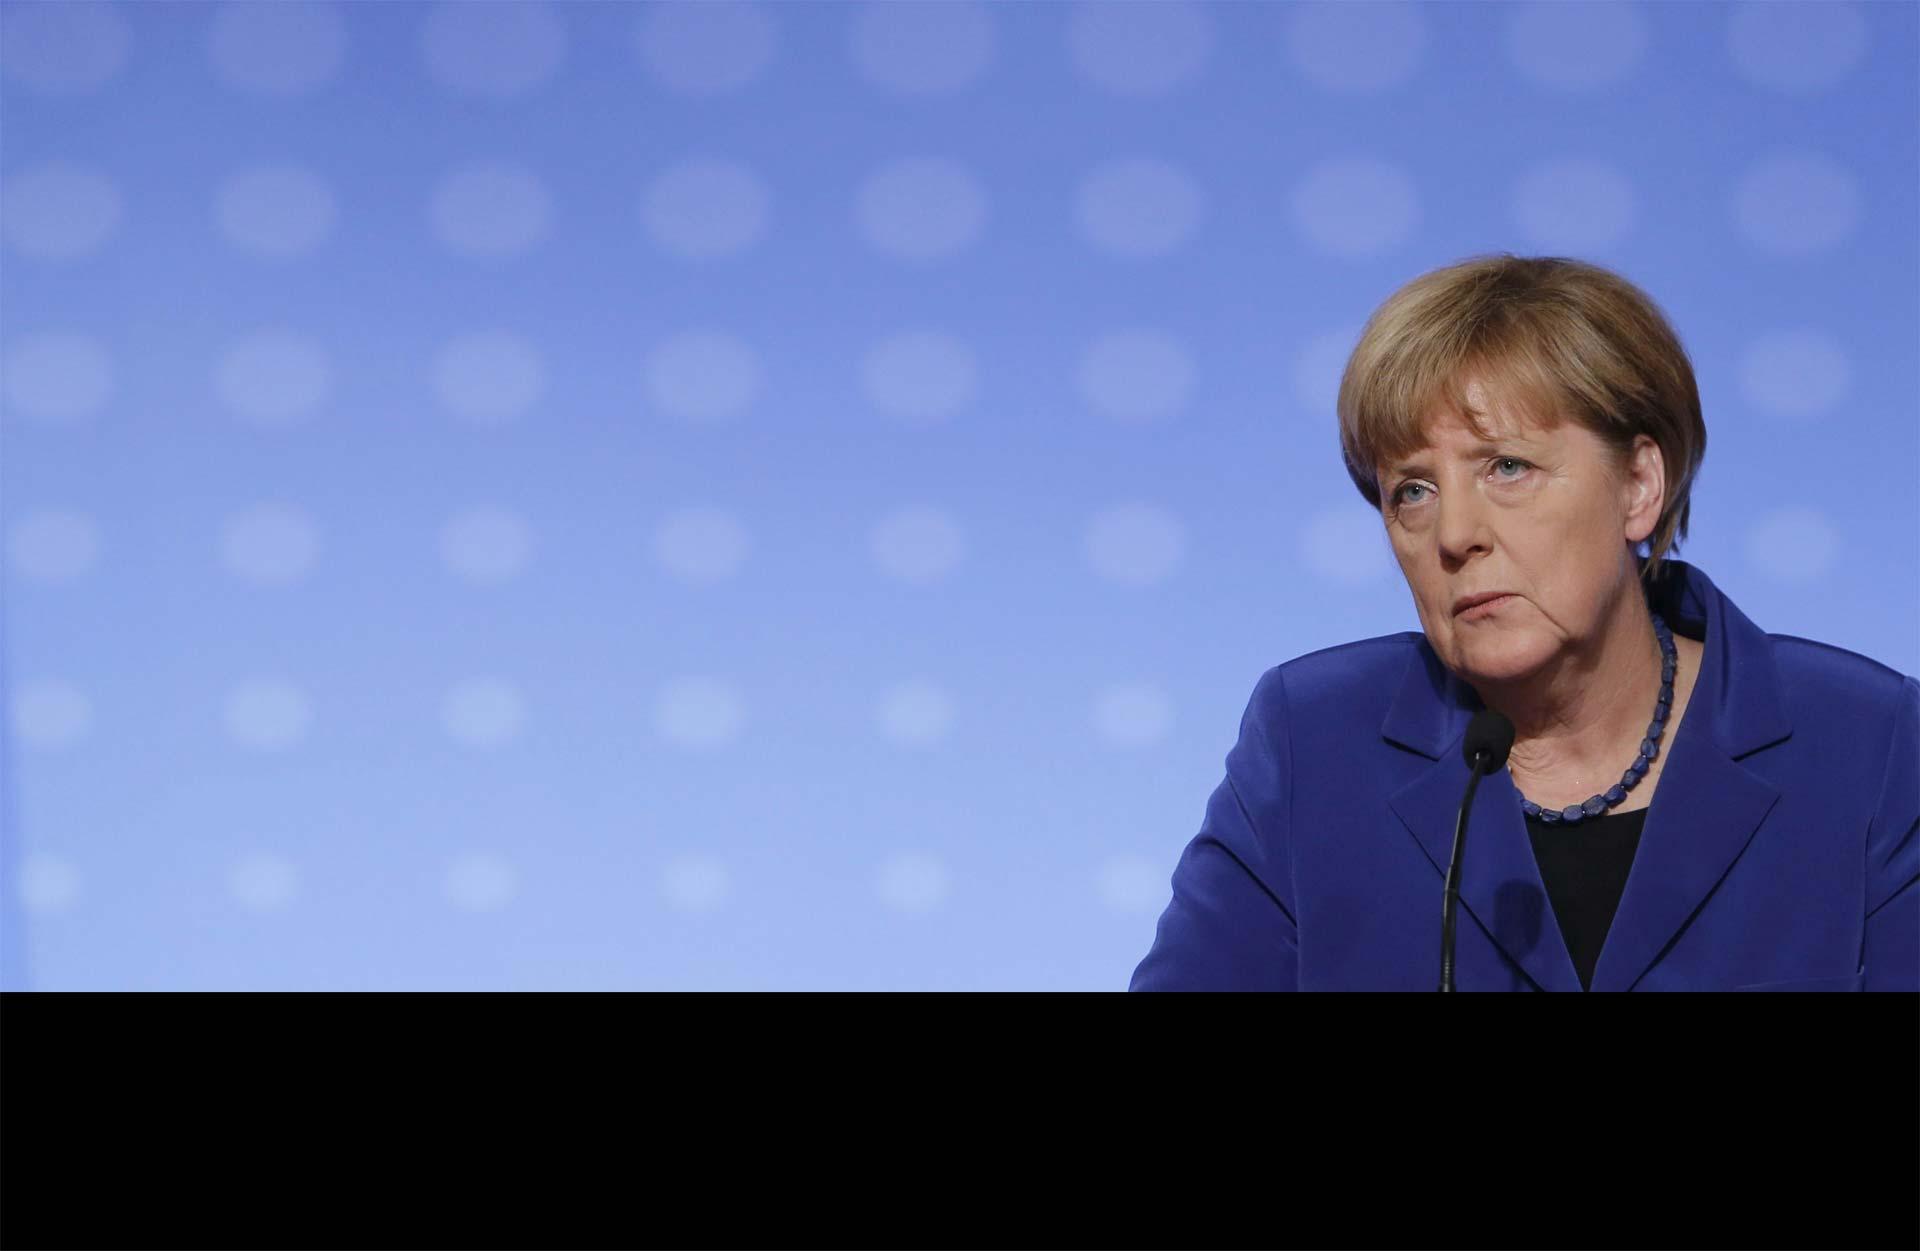 Merkel defiende su gestión ante crisis de refugiados